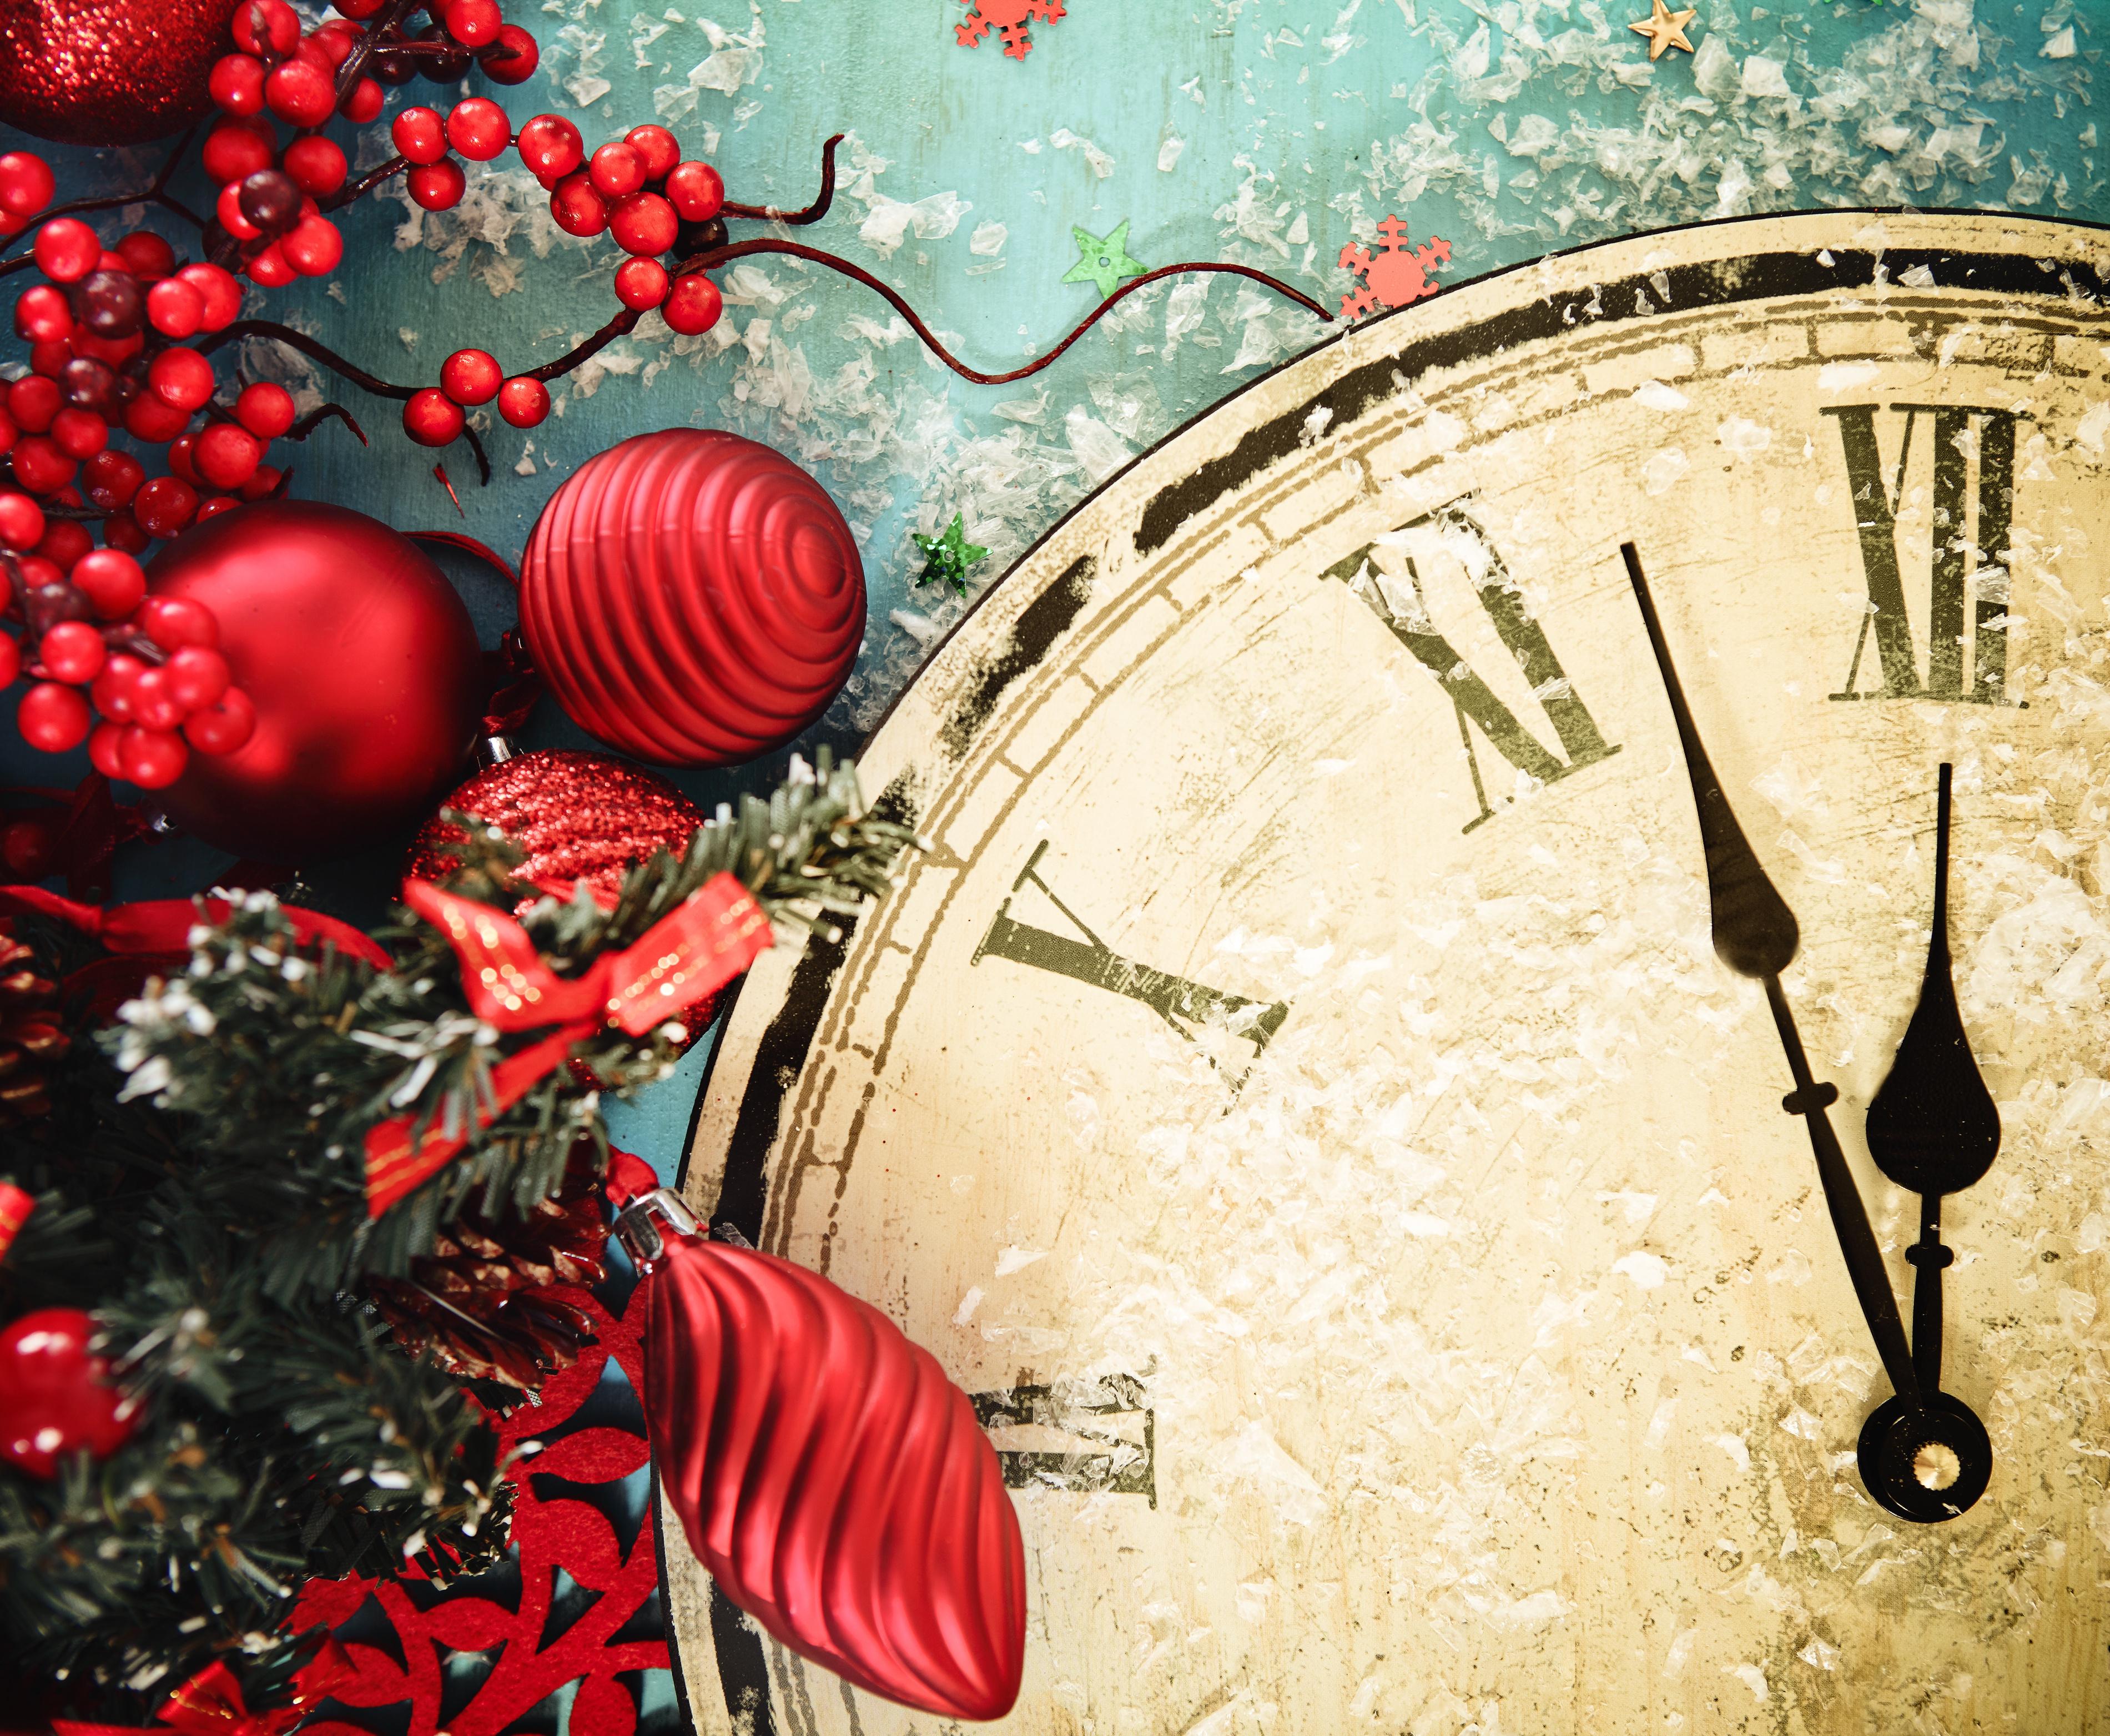 Картинки с новогодними часами чем суть